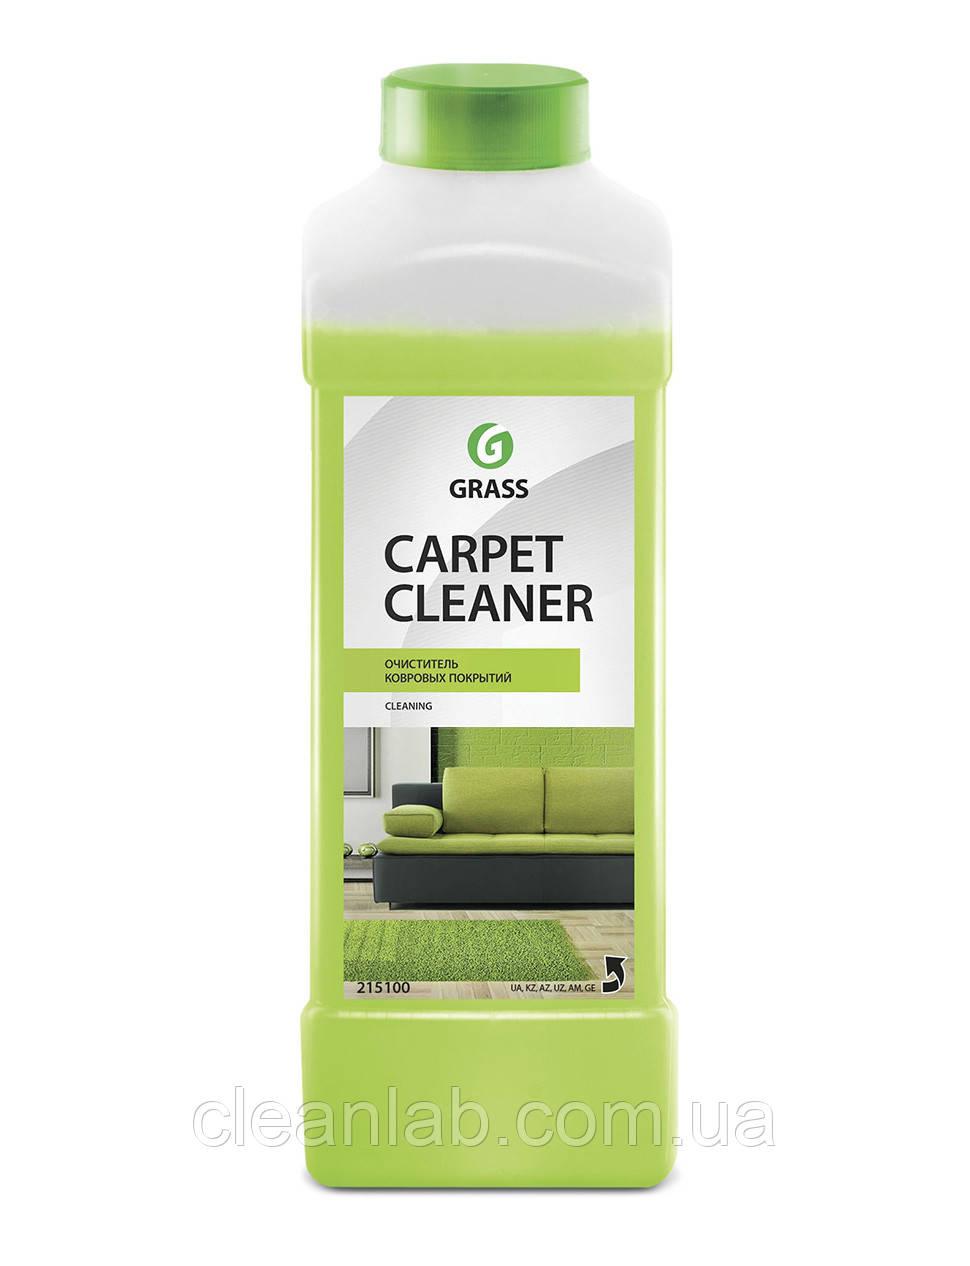 Универсальный  моющий состав для очистки ковровых покрытий Grass  Carpet Cleaner (пятновыводитель)